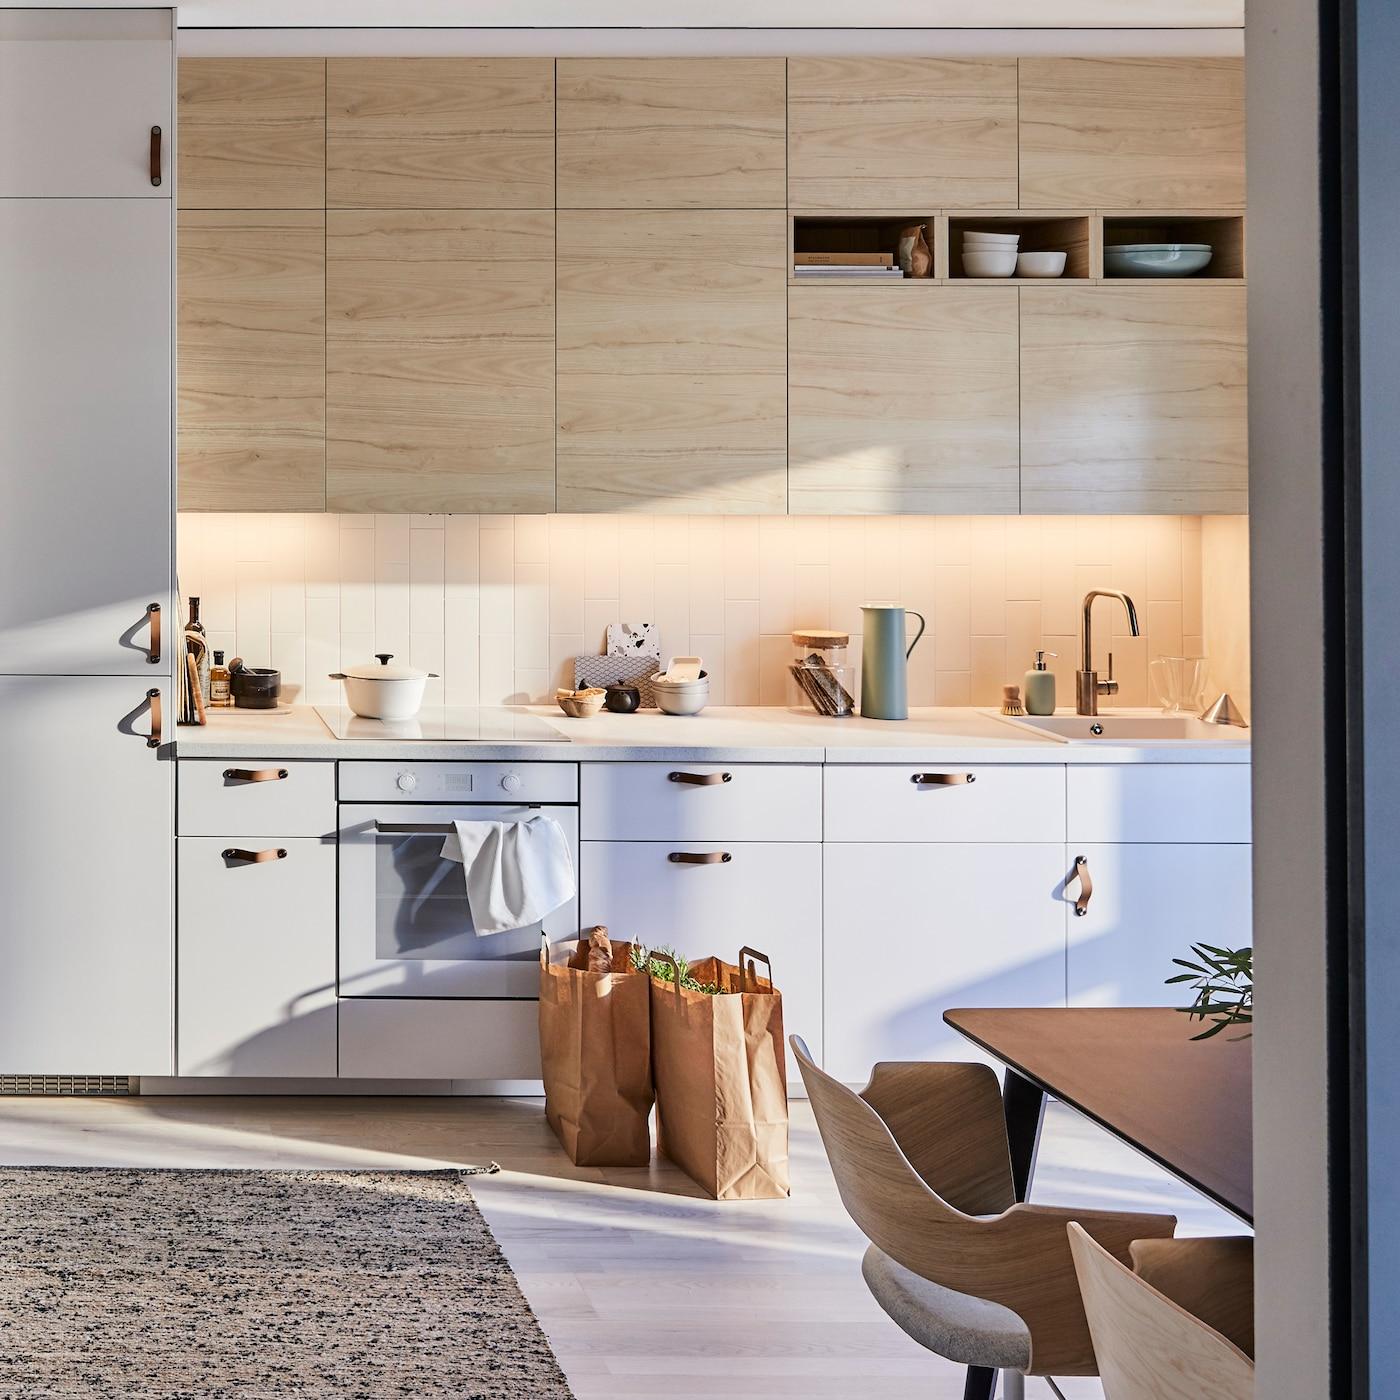 Full Size of Kücheninseln Ikea Zen Kche Erholungsfaktor Beim Kochen Deutschland Modulküche Betten 160x200 Miniküche Küche Kosten Bei Kaufen Sofa Mit Schlaffunktion Wohnzimmer Kücheninseln Ikea